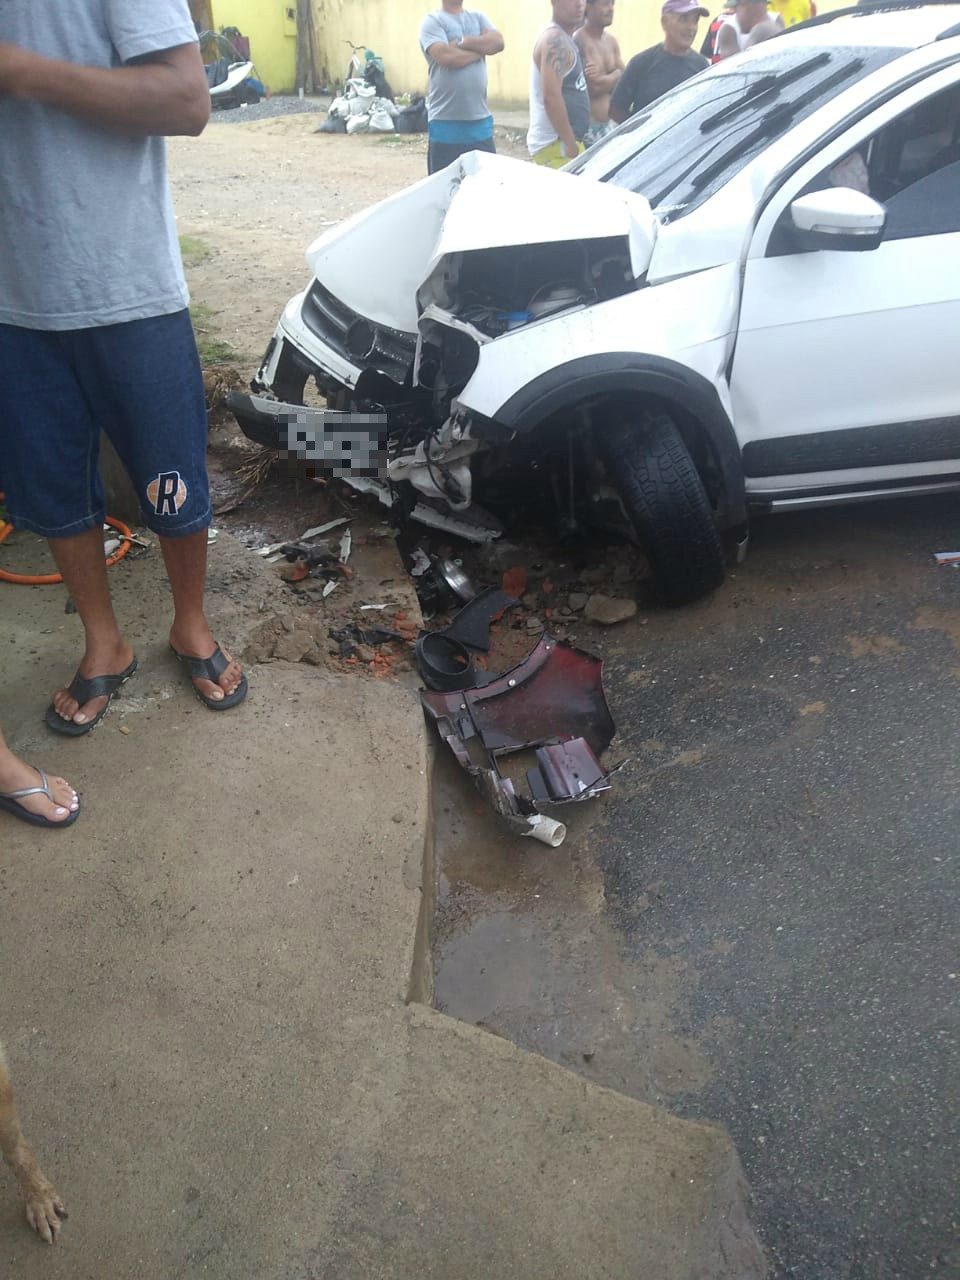 Caminhonete bate em muro e passageiros são arremessados de caçamba em SP - Notícias - Plantão Diário